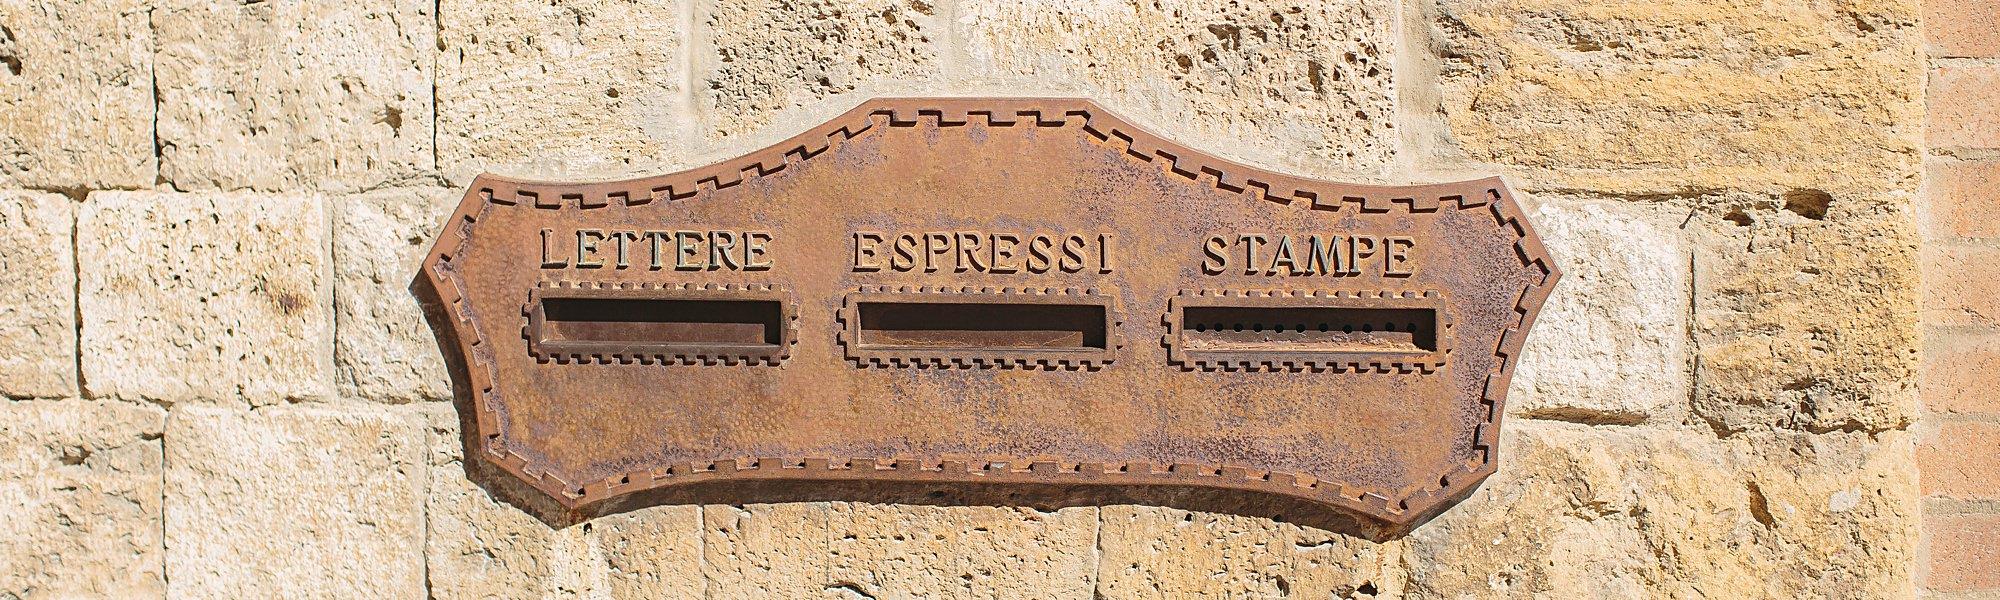 San Gimignano Tuscany Italy Fine Art Photography NB2A7160.jpg